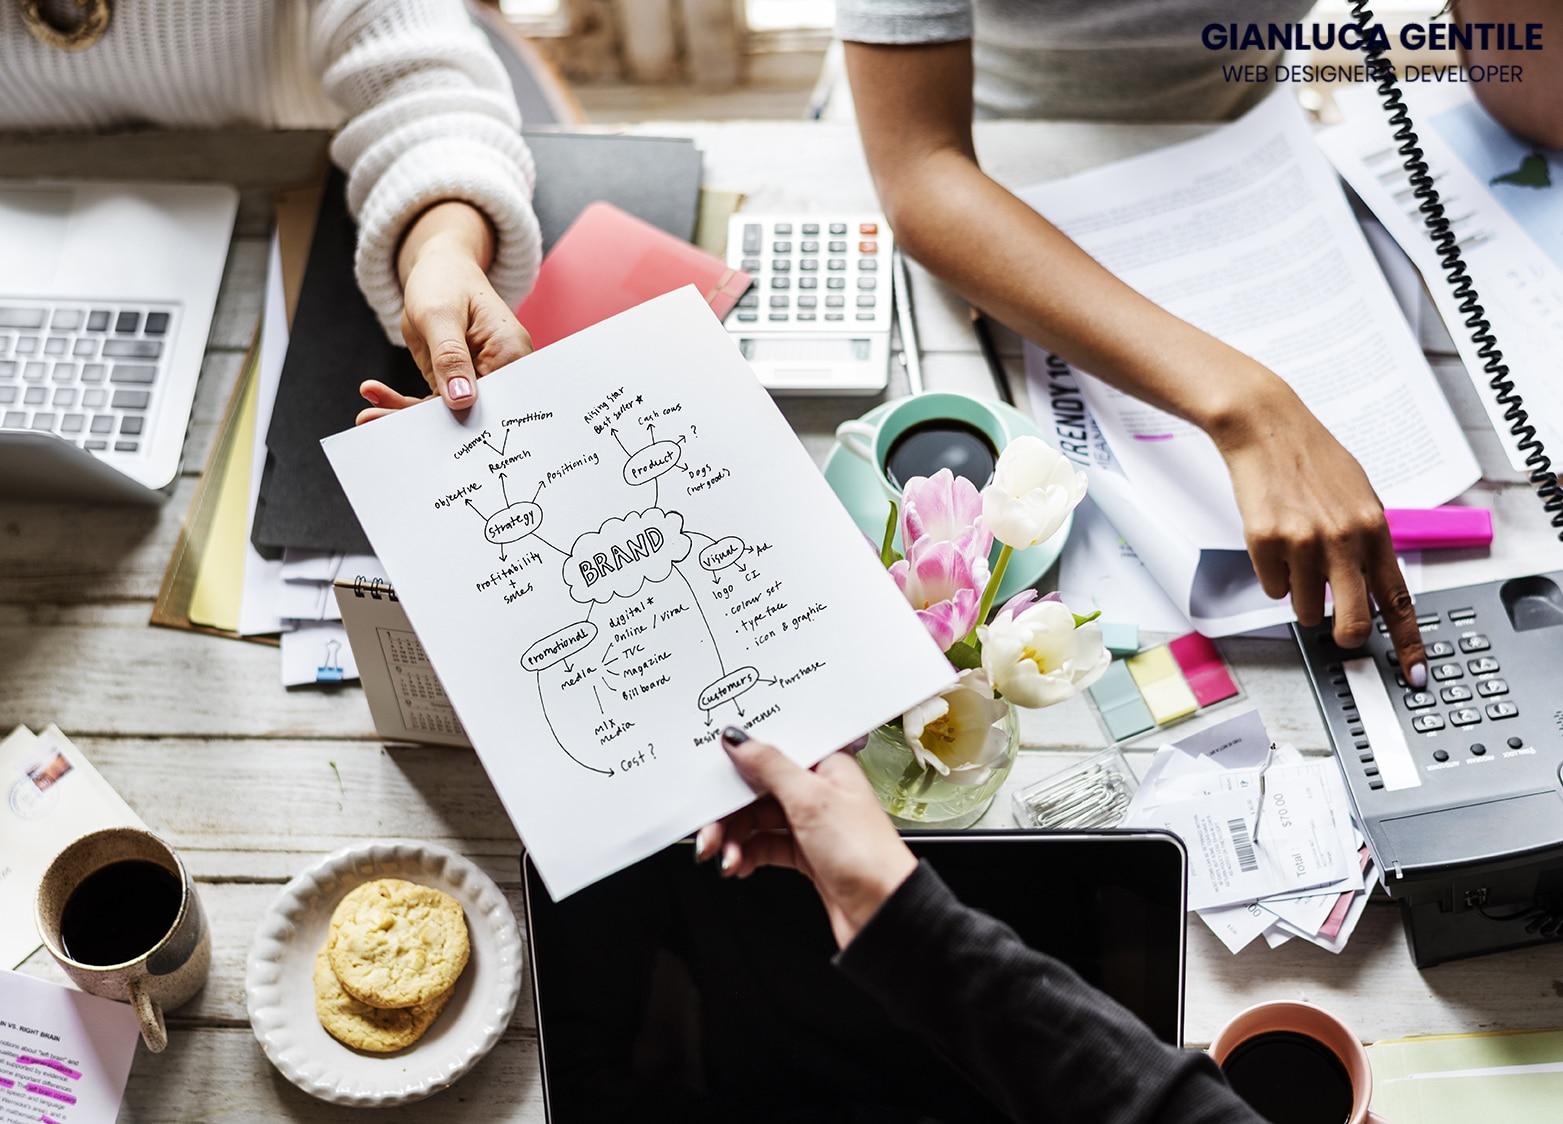 personal branding cos'è - Personal Branding cos   e rilevanza nel mondo digitale con Gianluca Gentile - Personal Branding cos'è e rilevanza nel mondo digitale